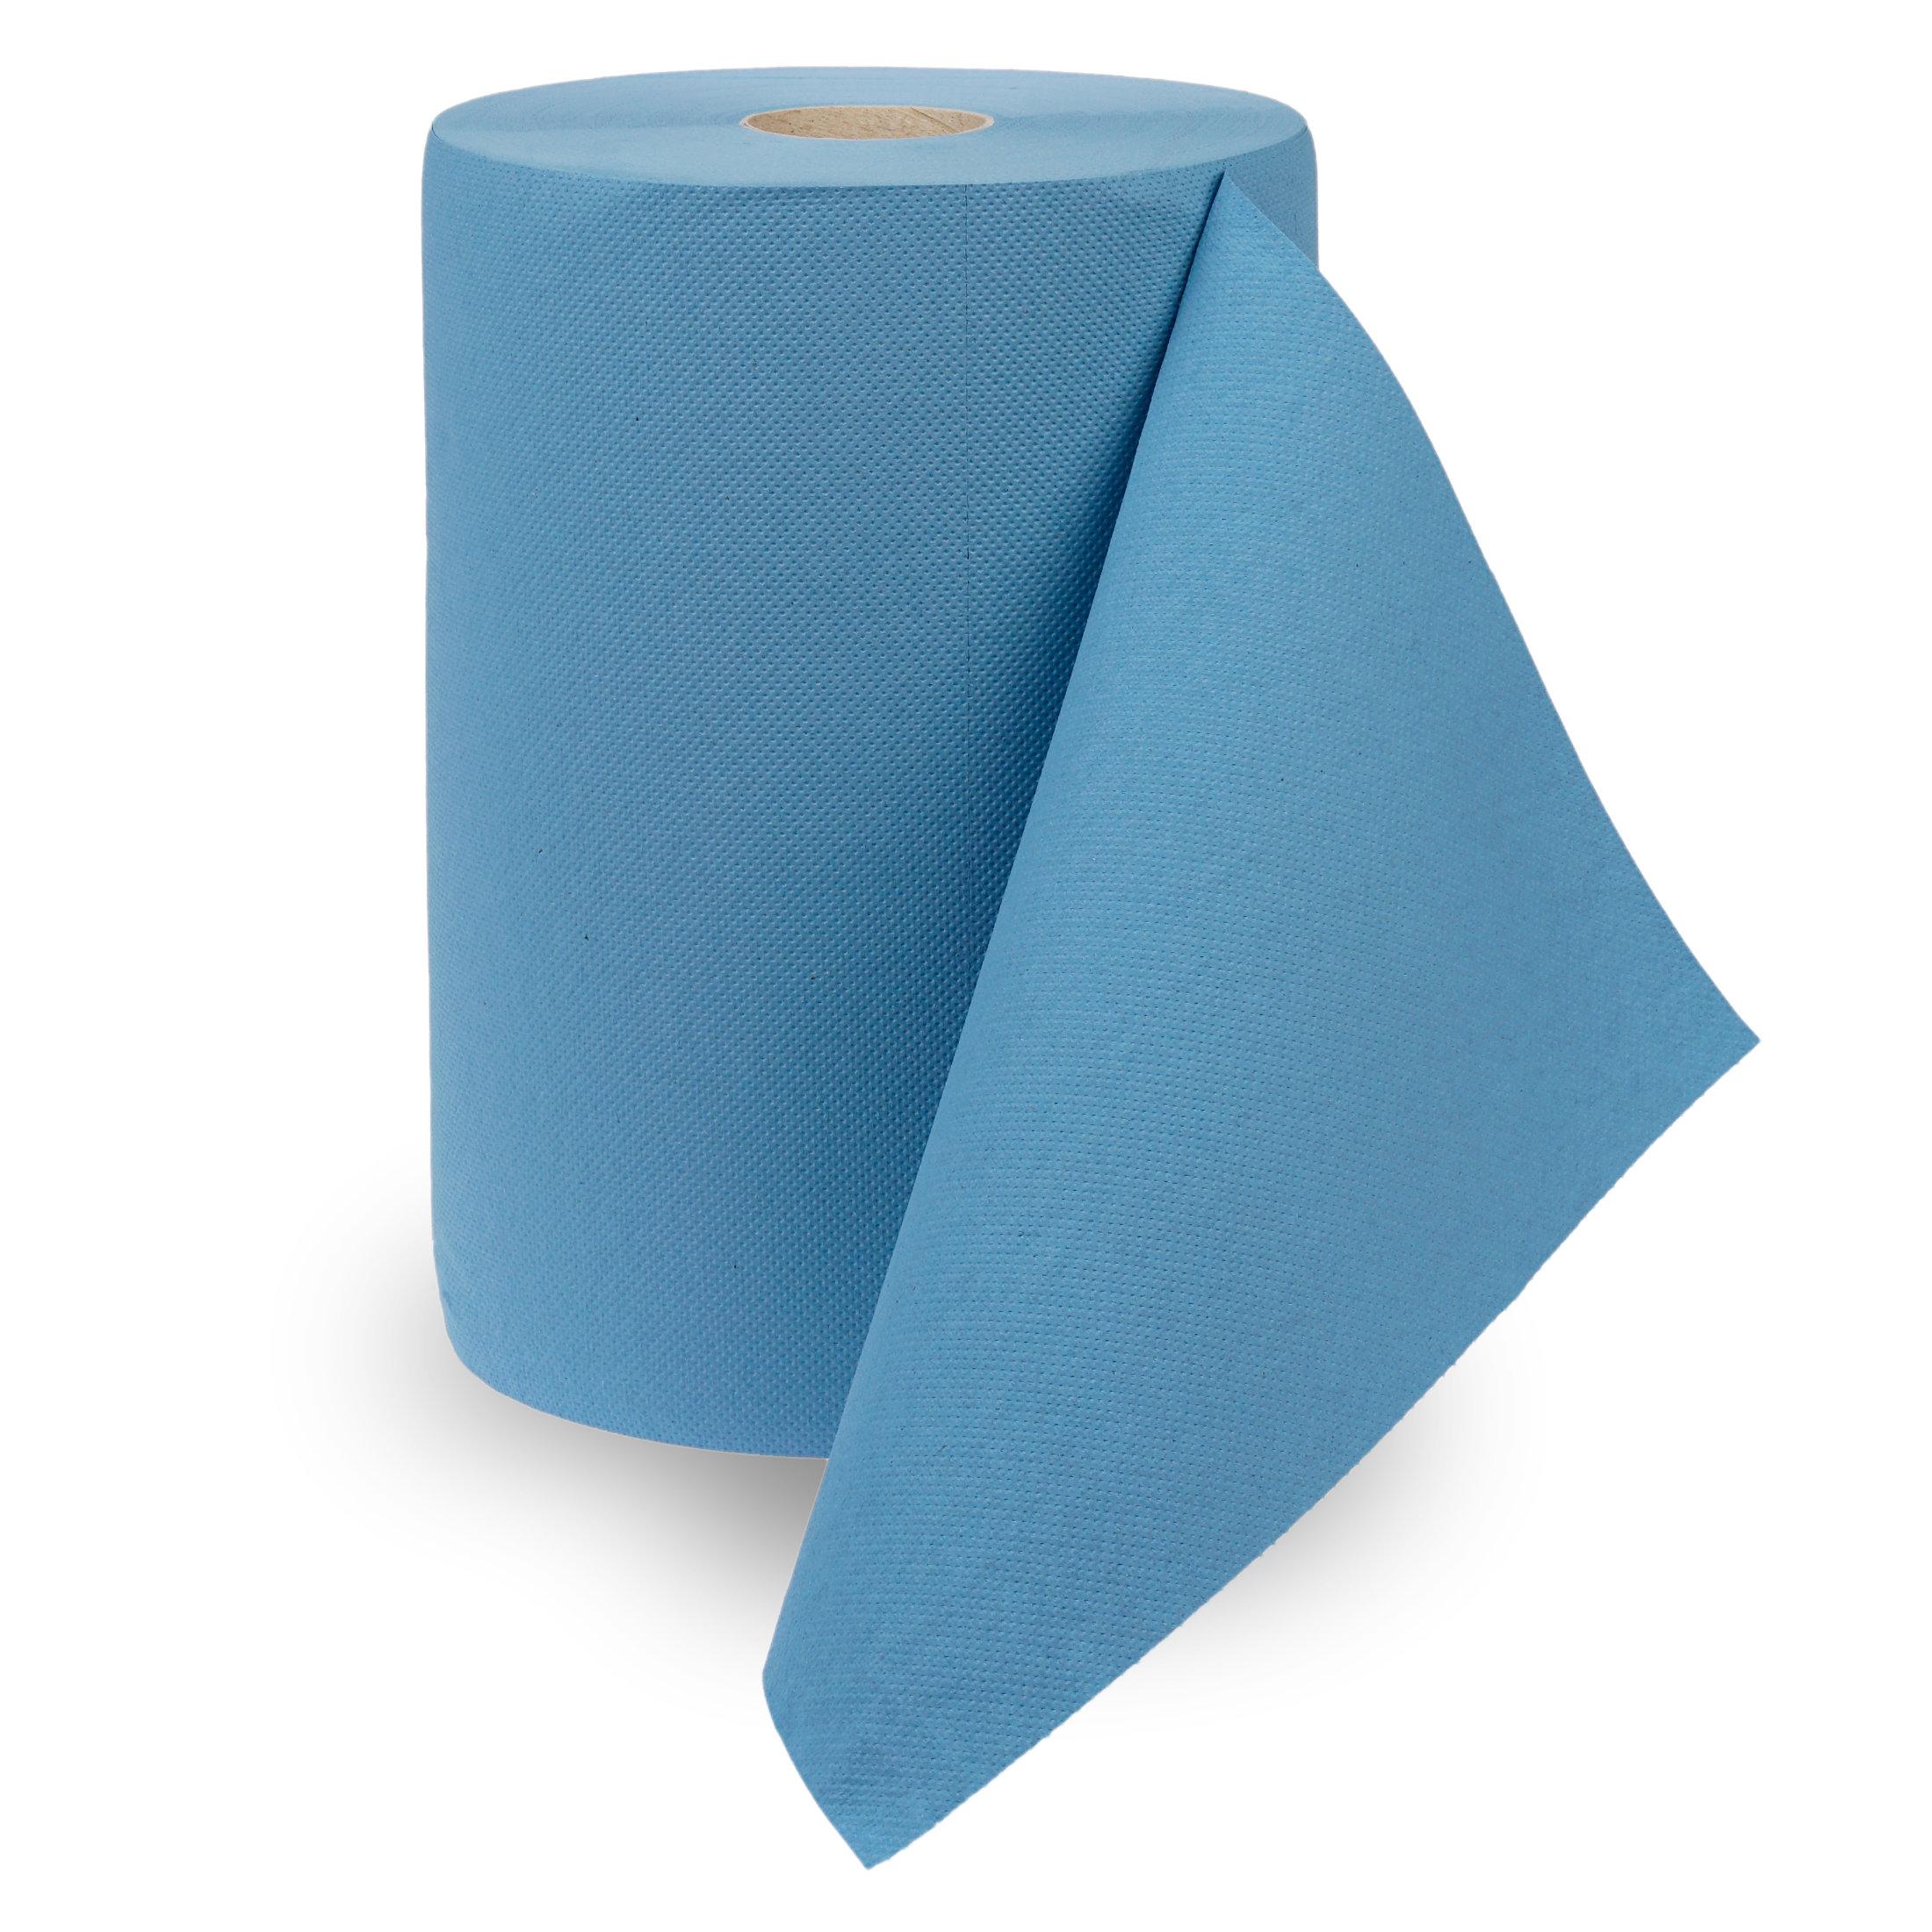 Putztuchrolle Multiclean® Recycling in blau, VE à 2 Rollen